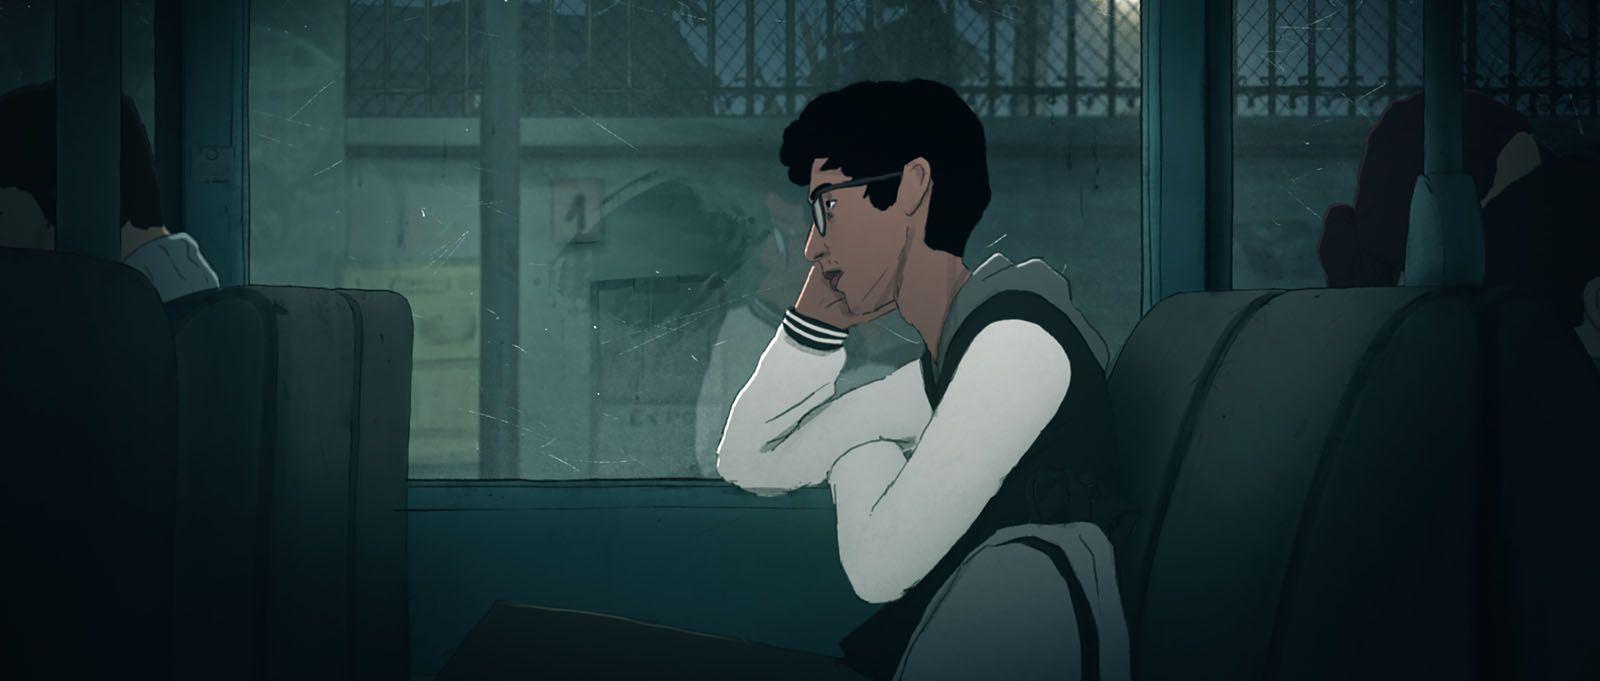 Lumières 2020 : J'ai perdu mon corps sacré meilleur film d'animation.